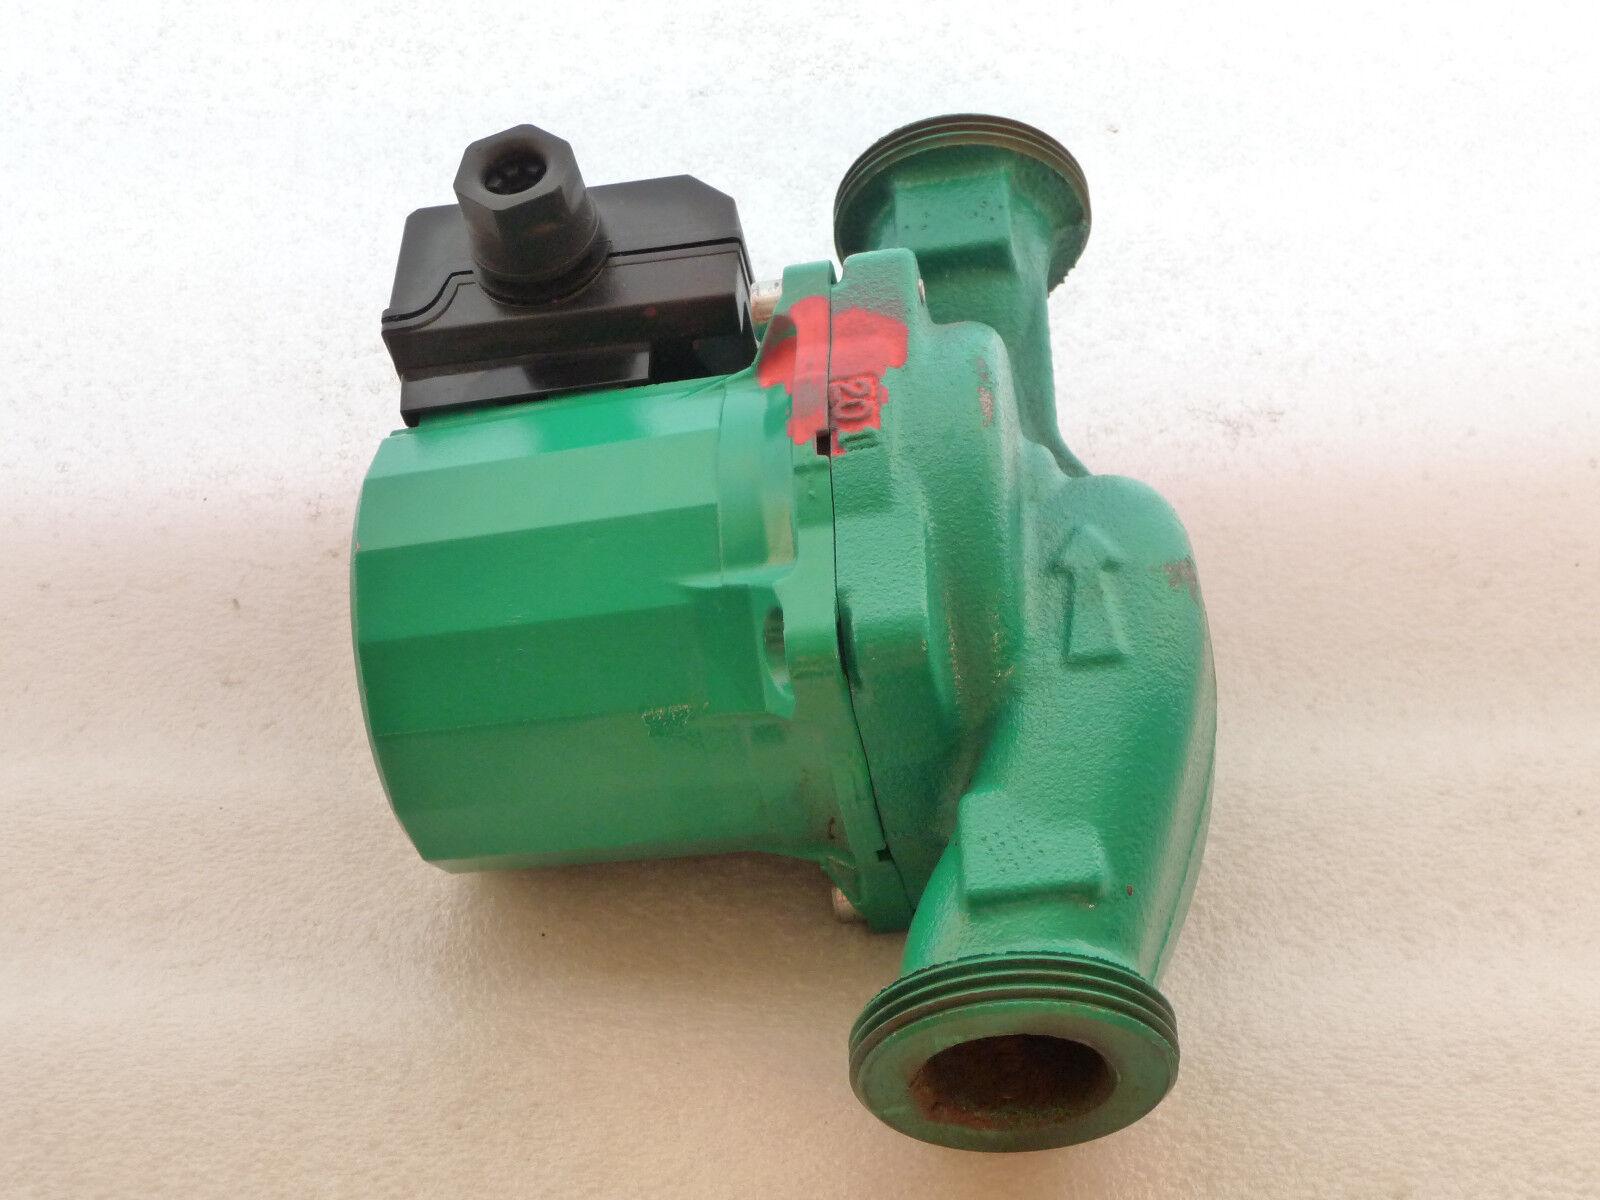 Wilo Star RS 25/4 25/4 25/4  Heizungspumpe 230 Volt Umwälzpumpe 180 mm gebraucht  P5460/19 cf722e